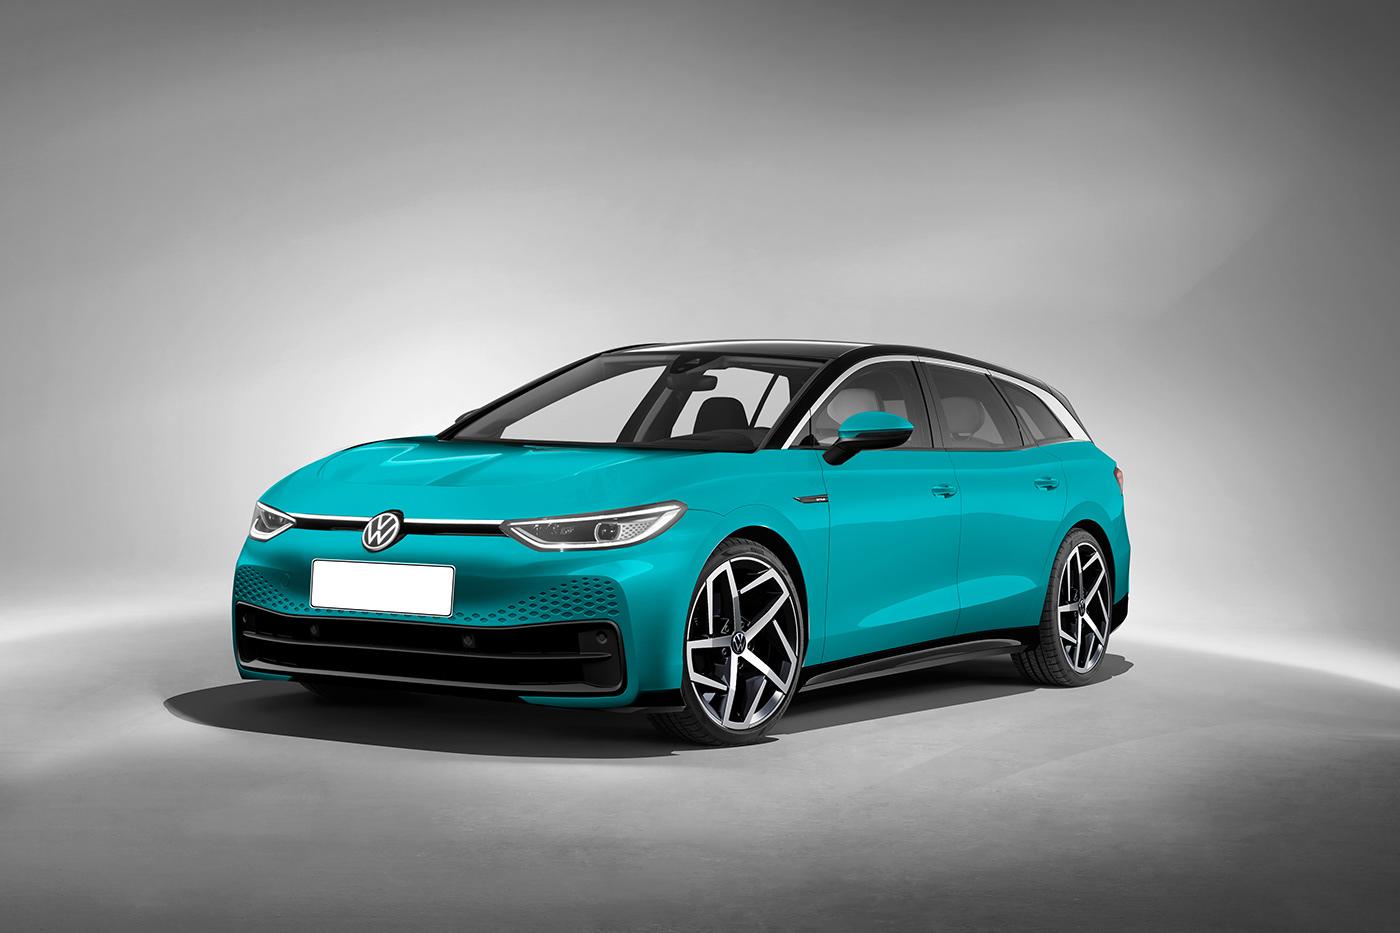 Volkswagen-iD-5-Variant-1